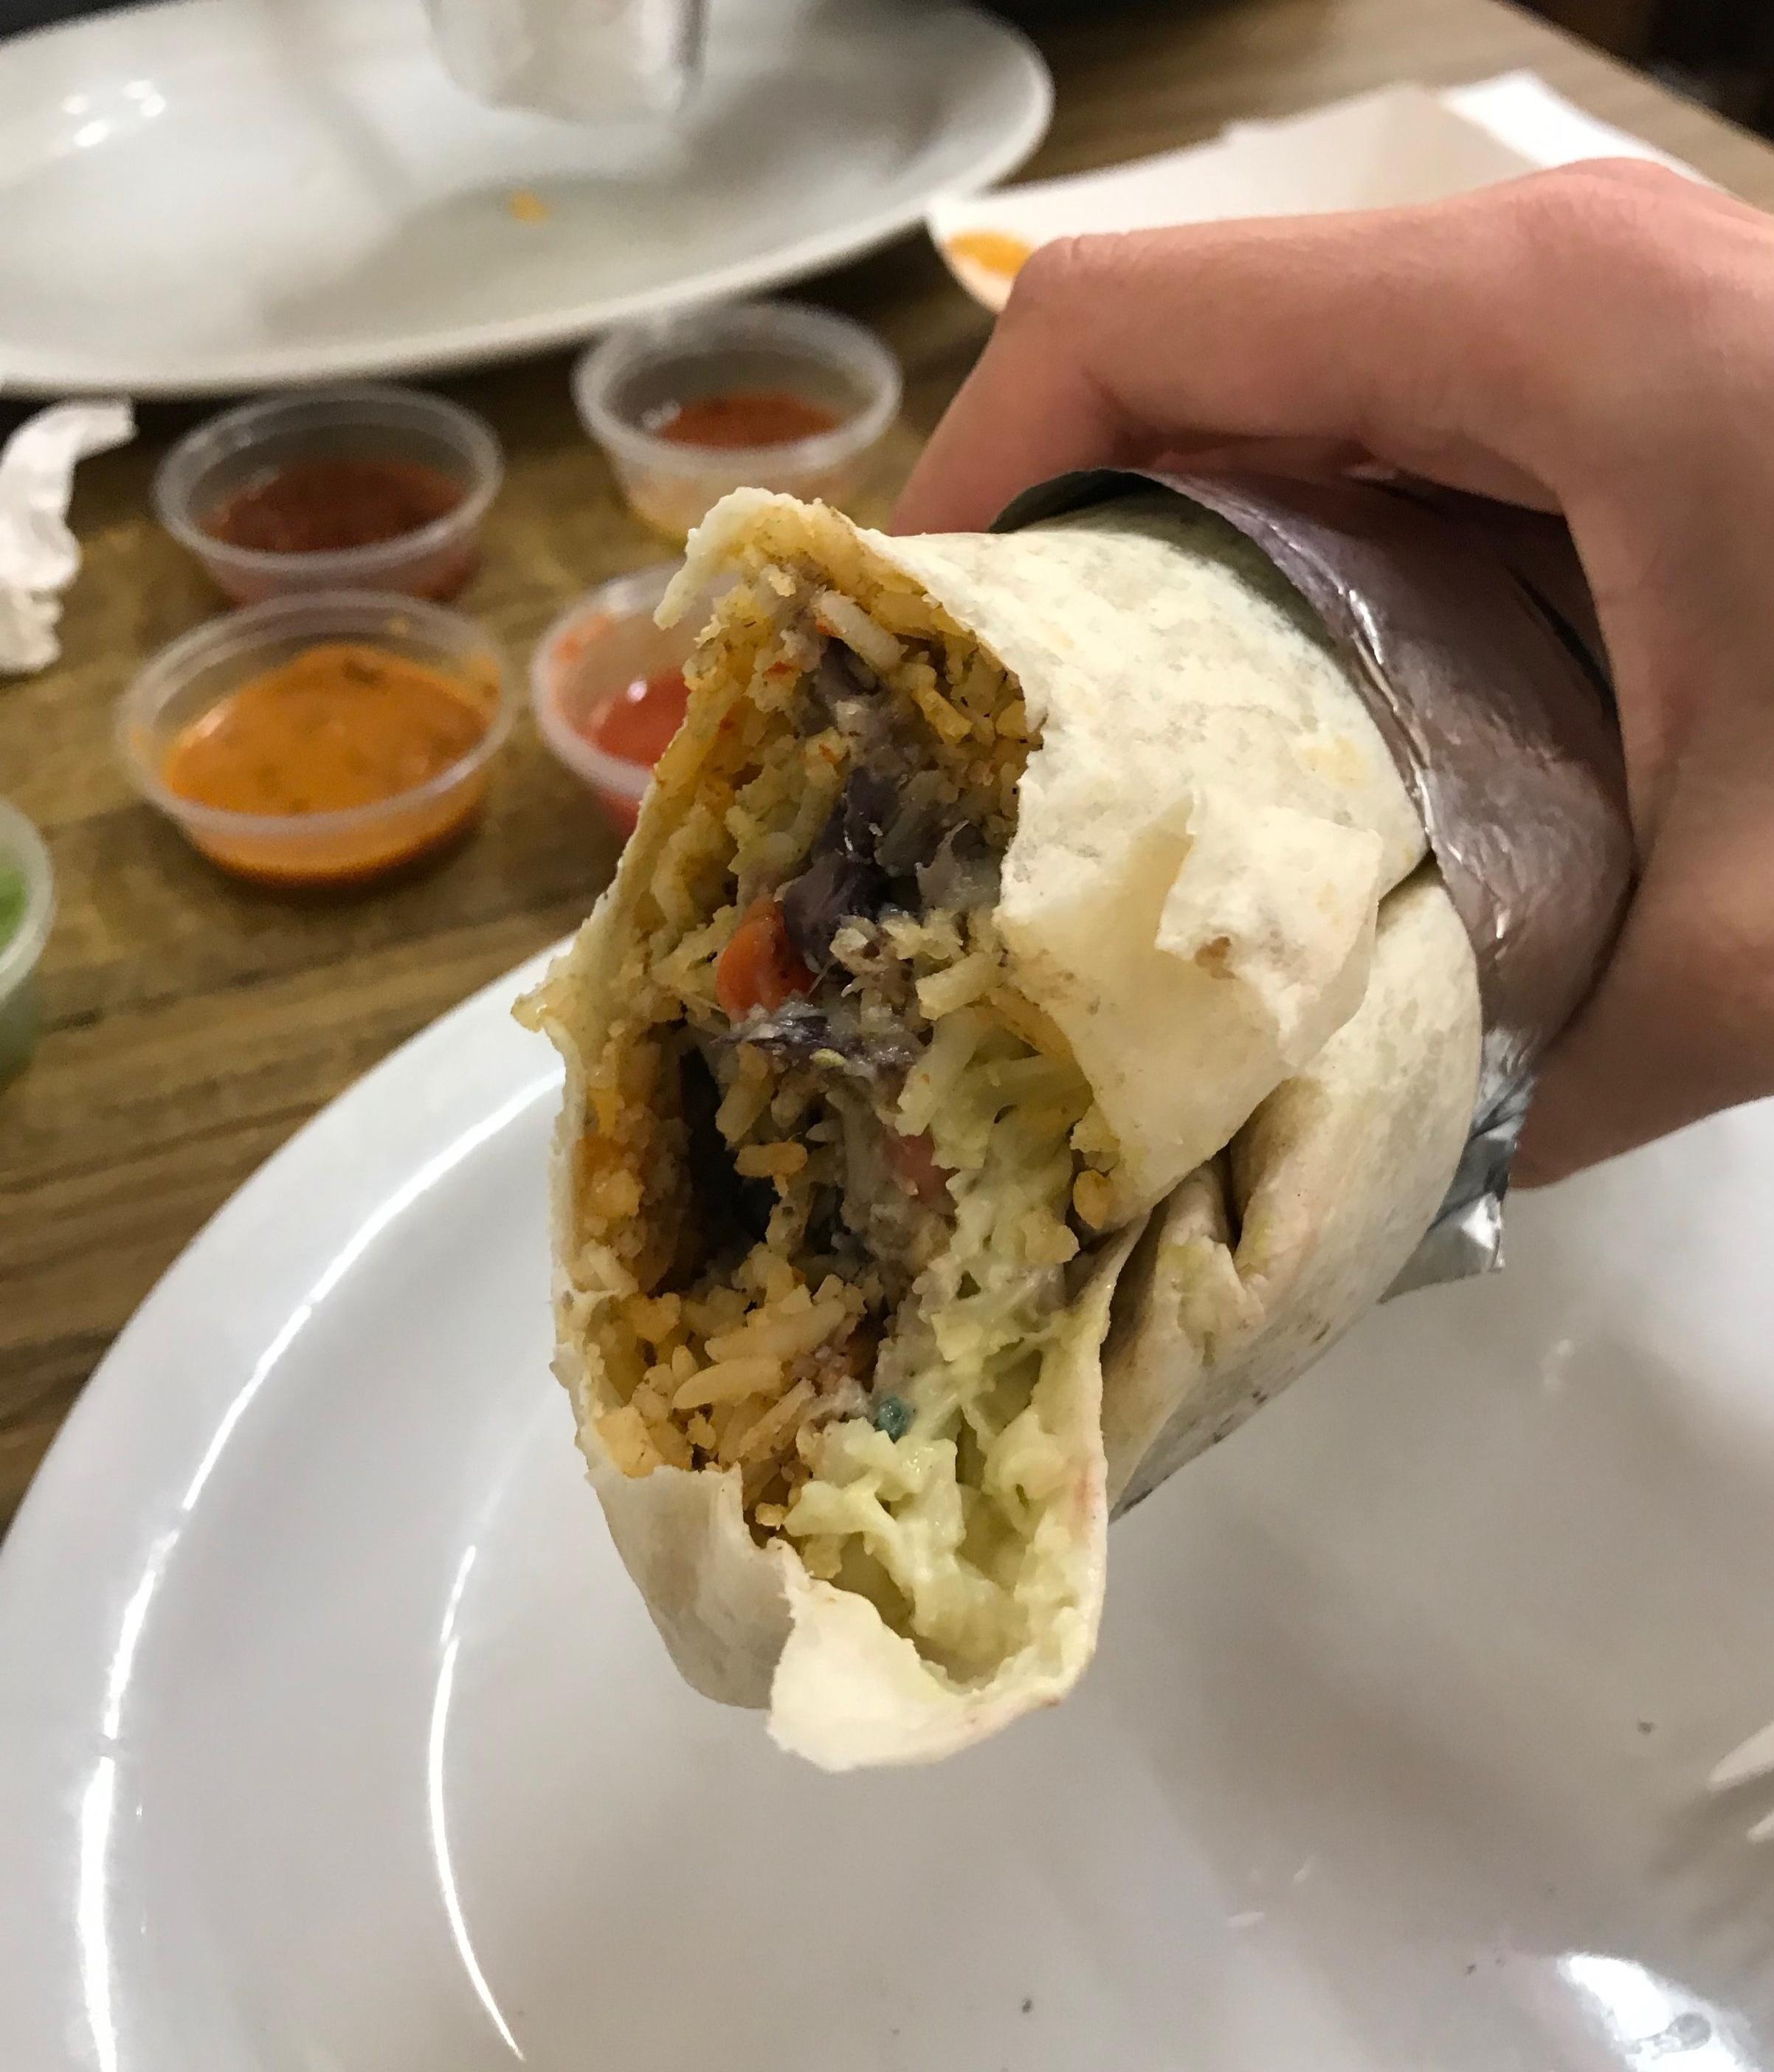 The burrito was so-so. We both agreed La Taqueria was better.